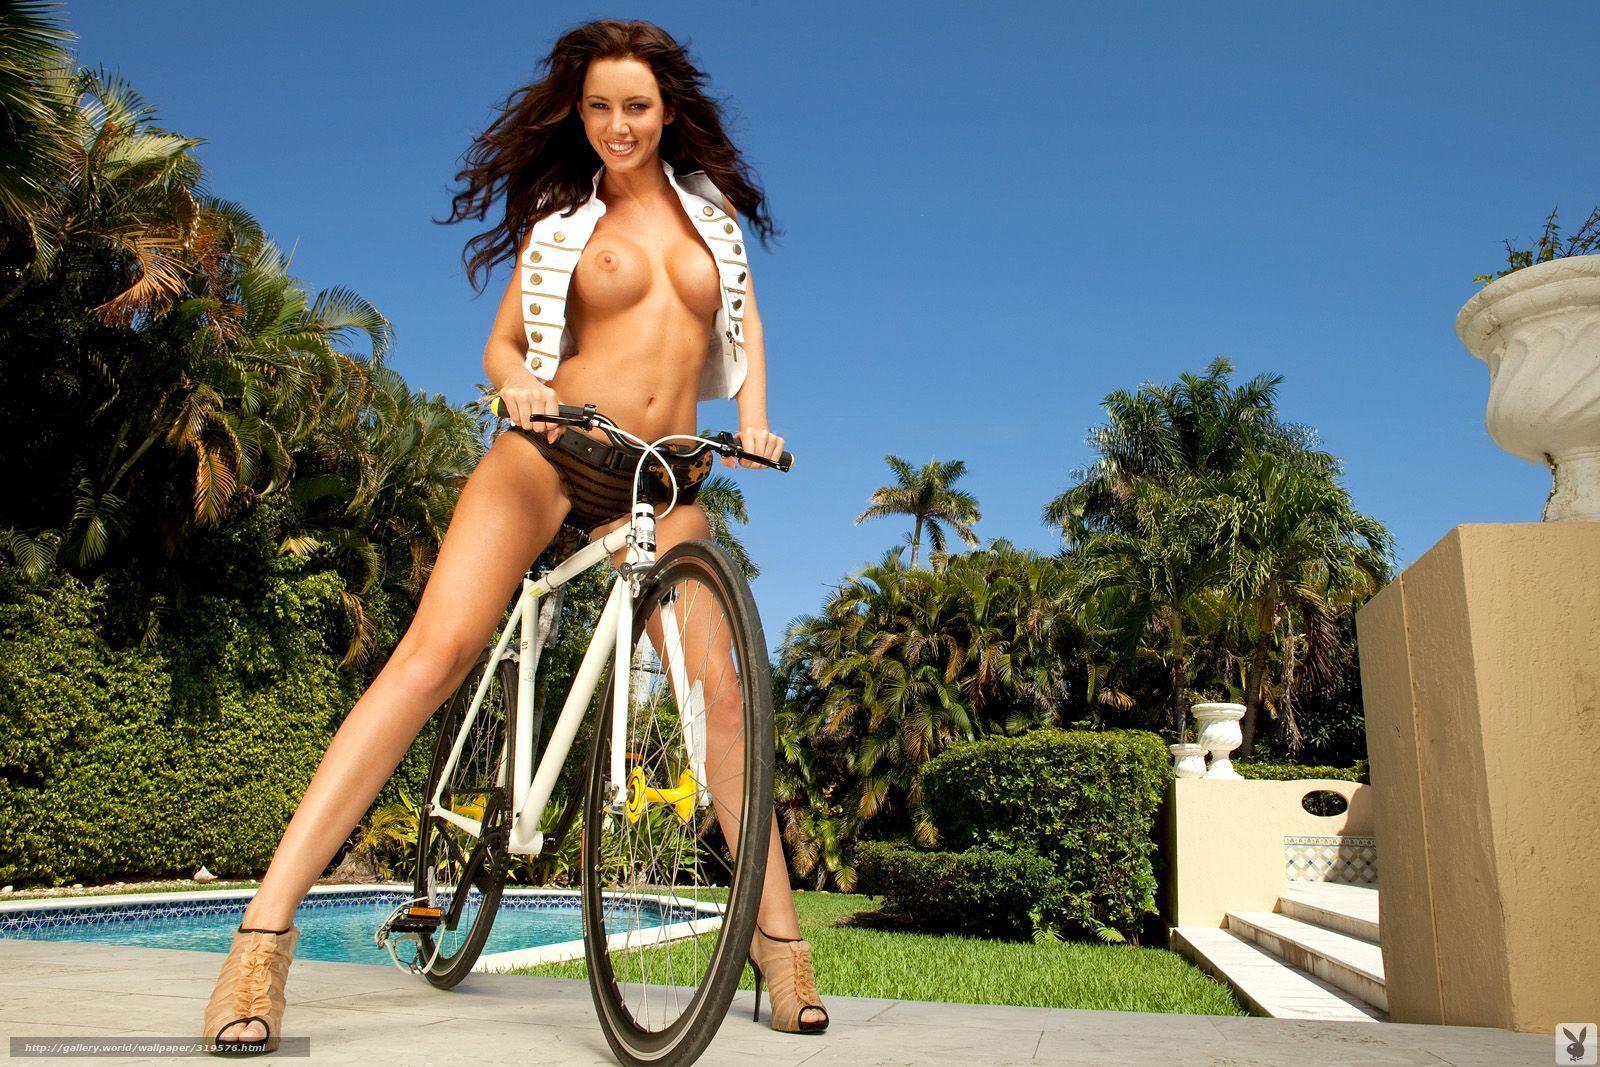 Х/ф велосипедистка 3 секс 3 фотография